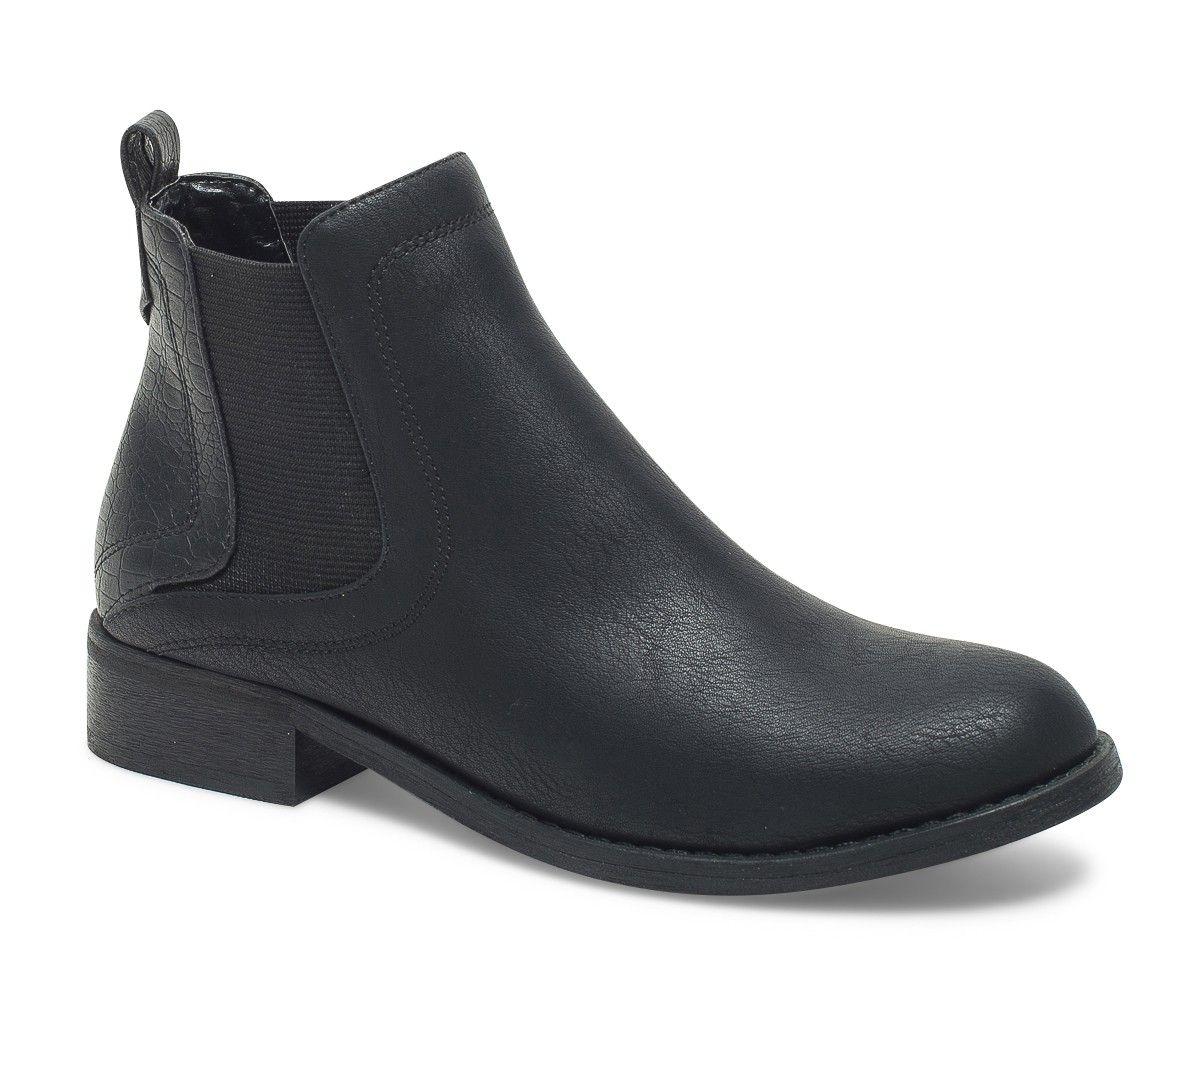 chelsea boots noir femme | dressing | pinterest